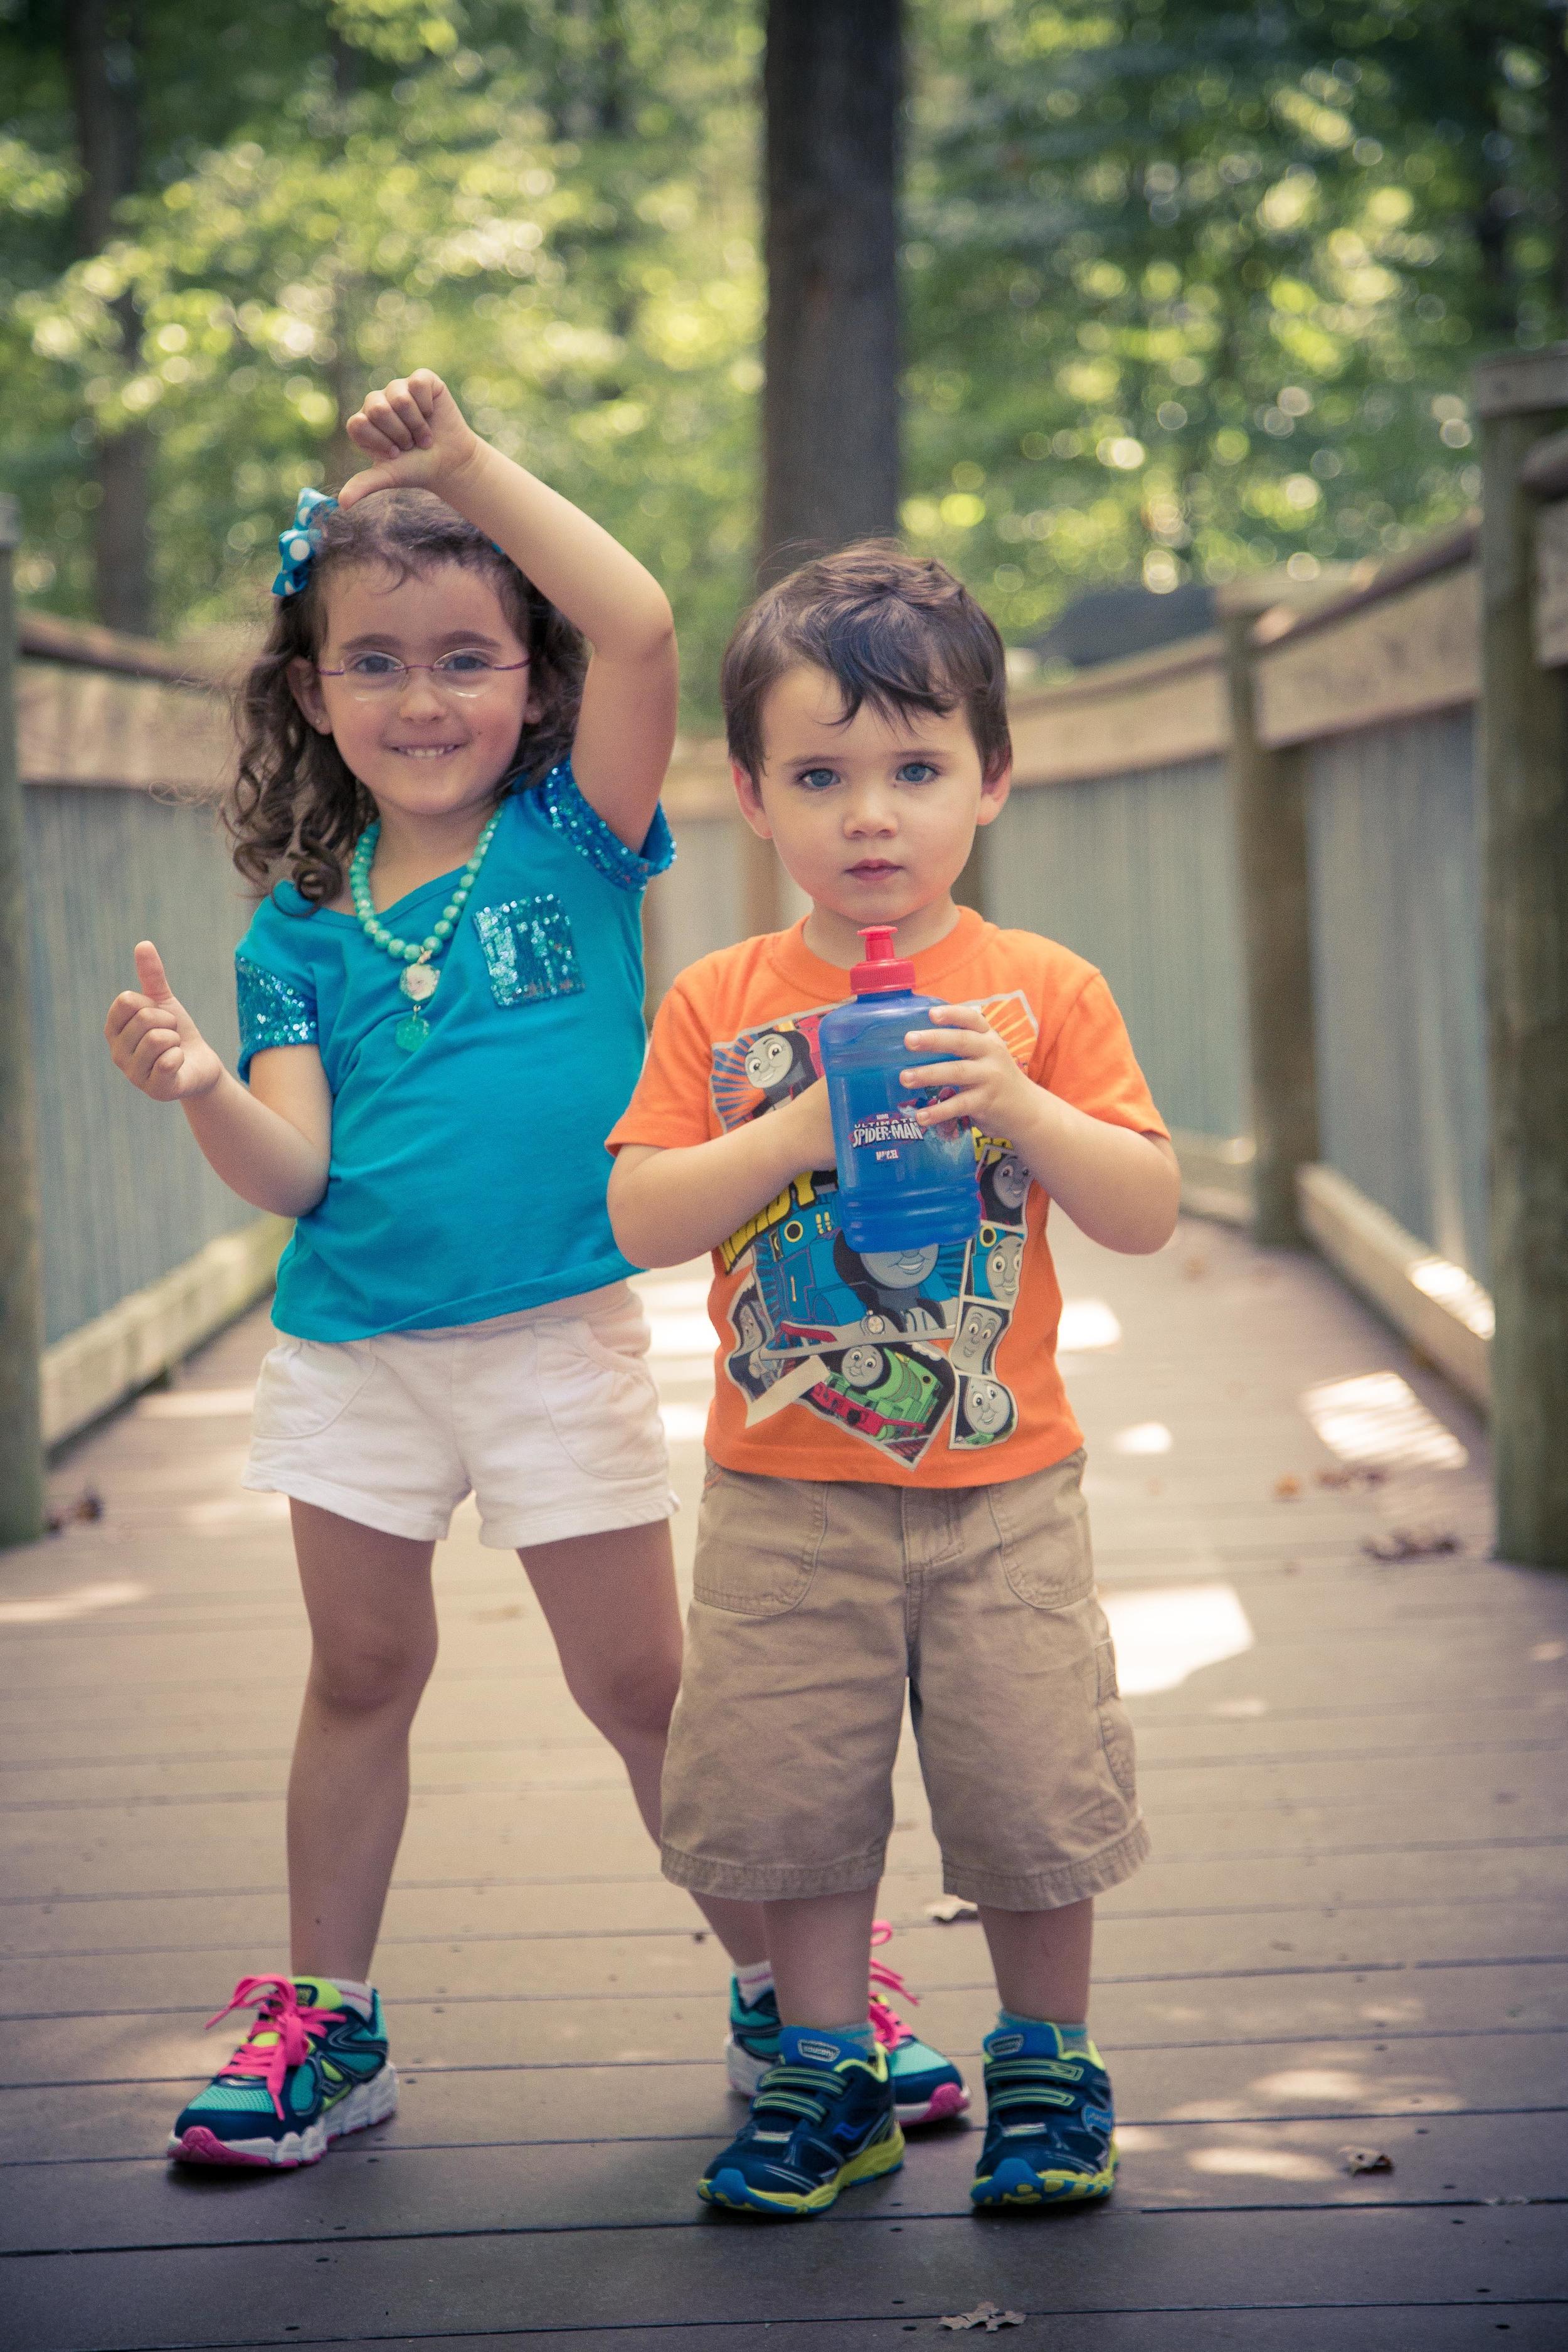 Siblings <3